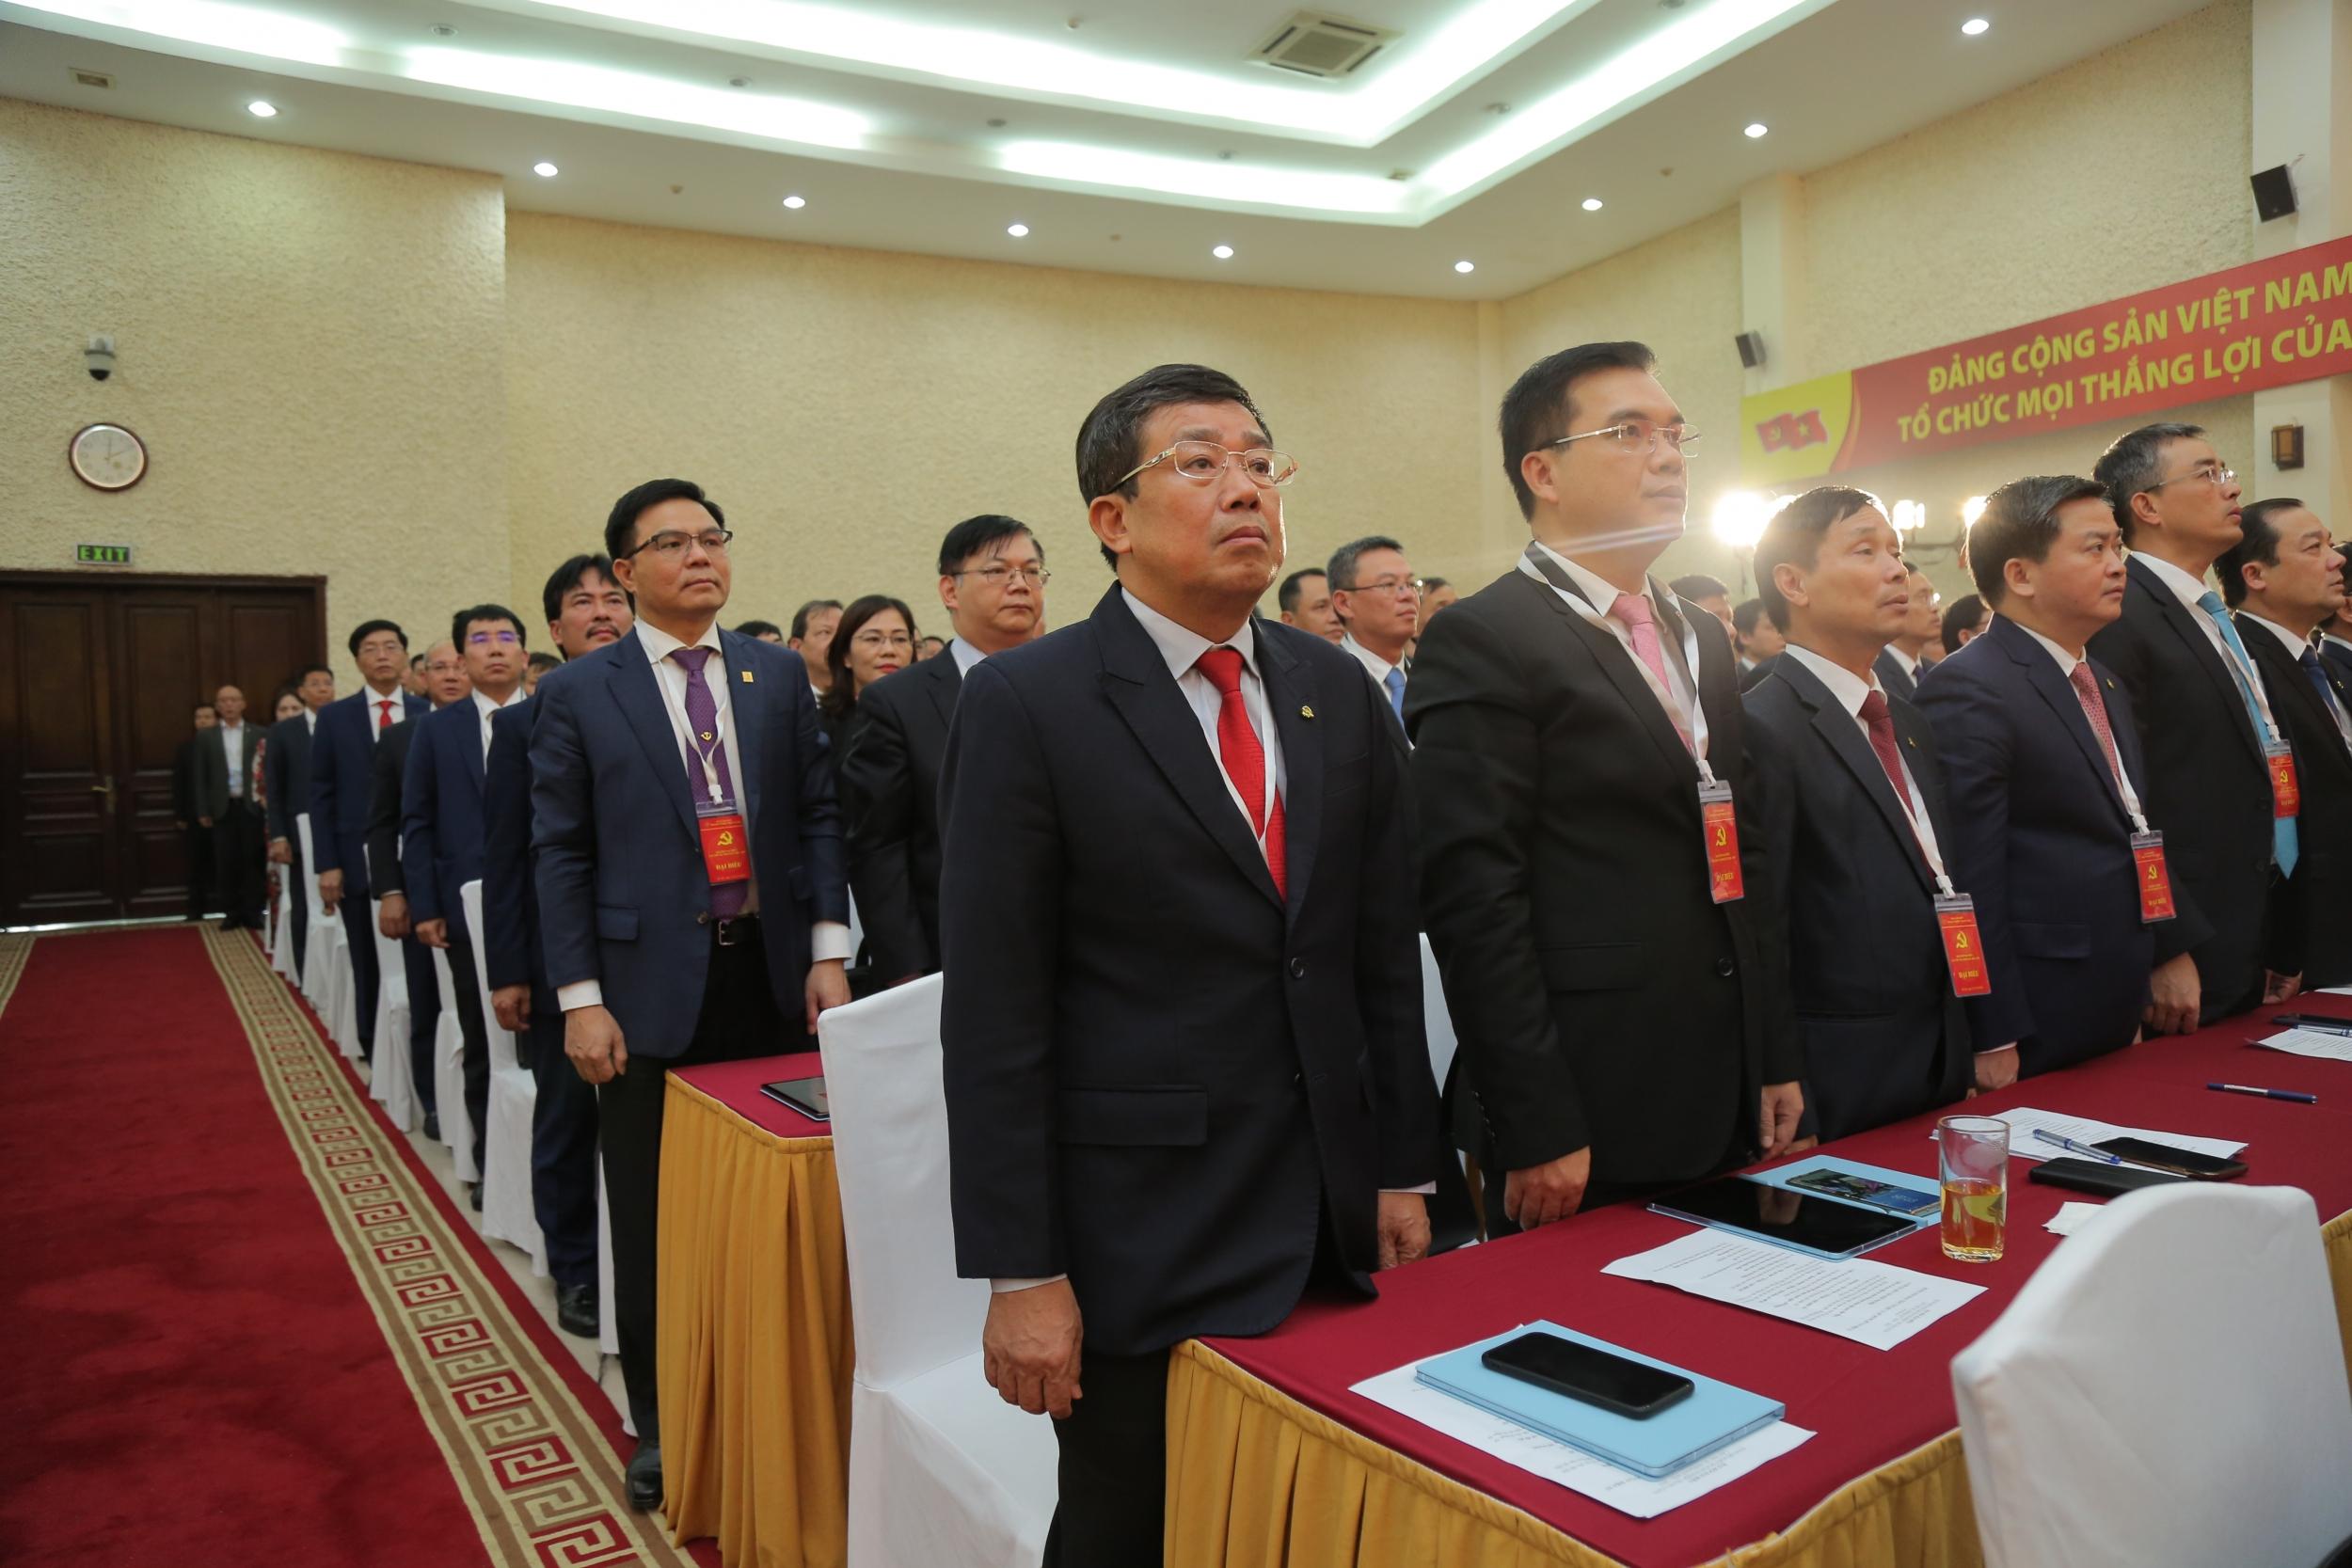 dai-hoi-dai-bieu-dang-bo-khoi-doanh-nghiep-trung-uong-lan-thu-iii-nhiem-ky-2020-2025-hop-phien-tru-bi-1